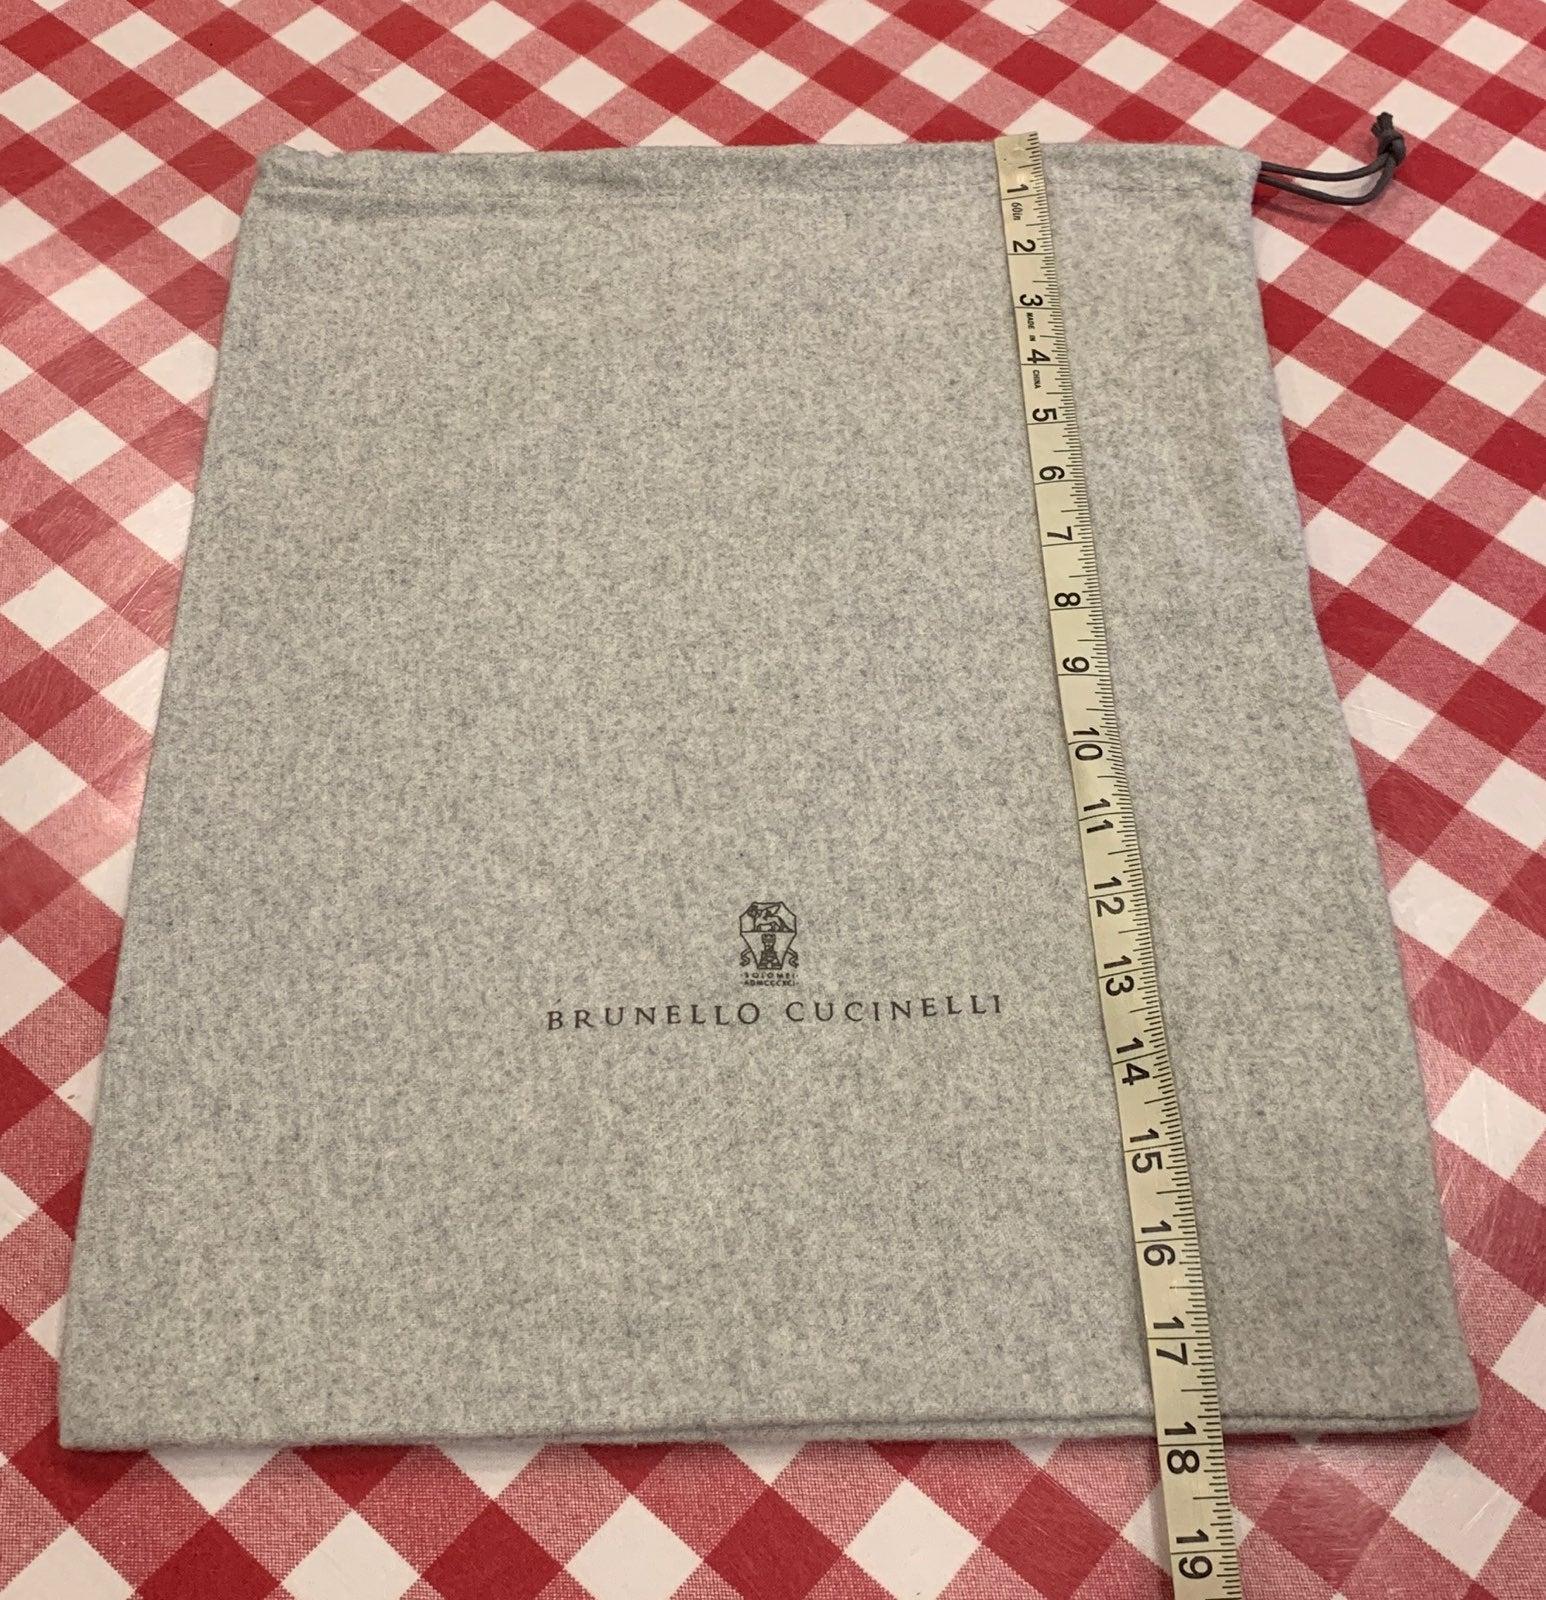 Empty Brunello Cucinelli Dustbag